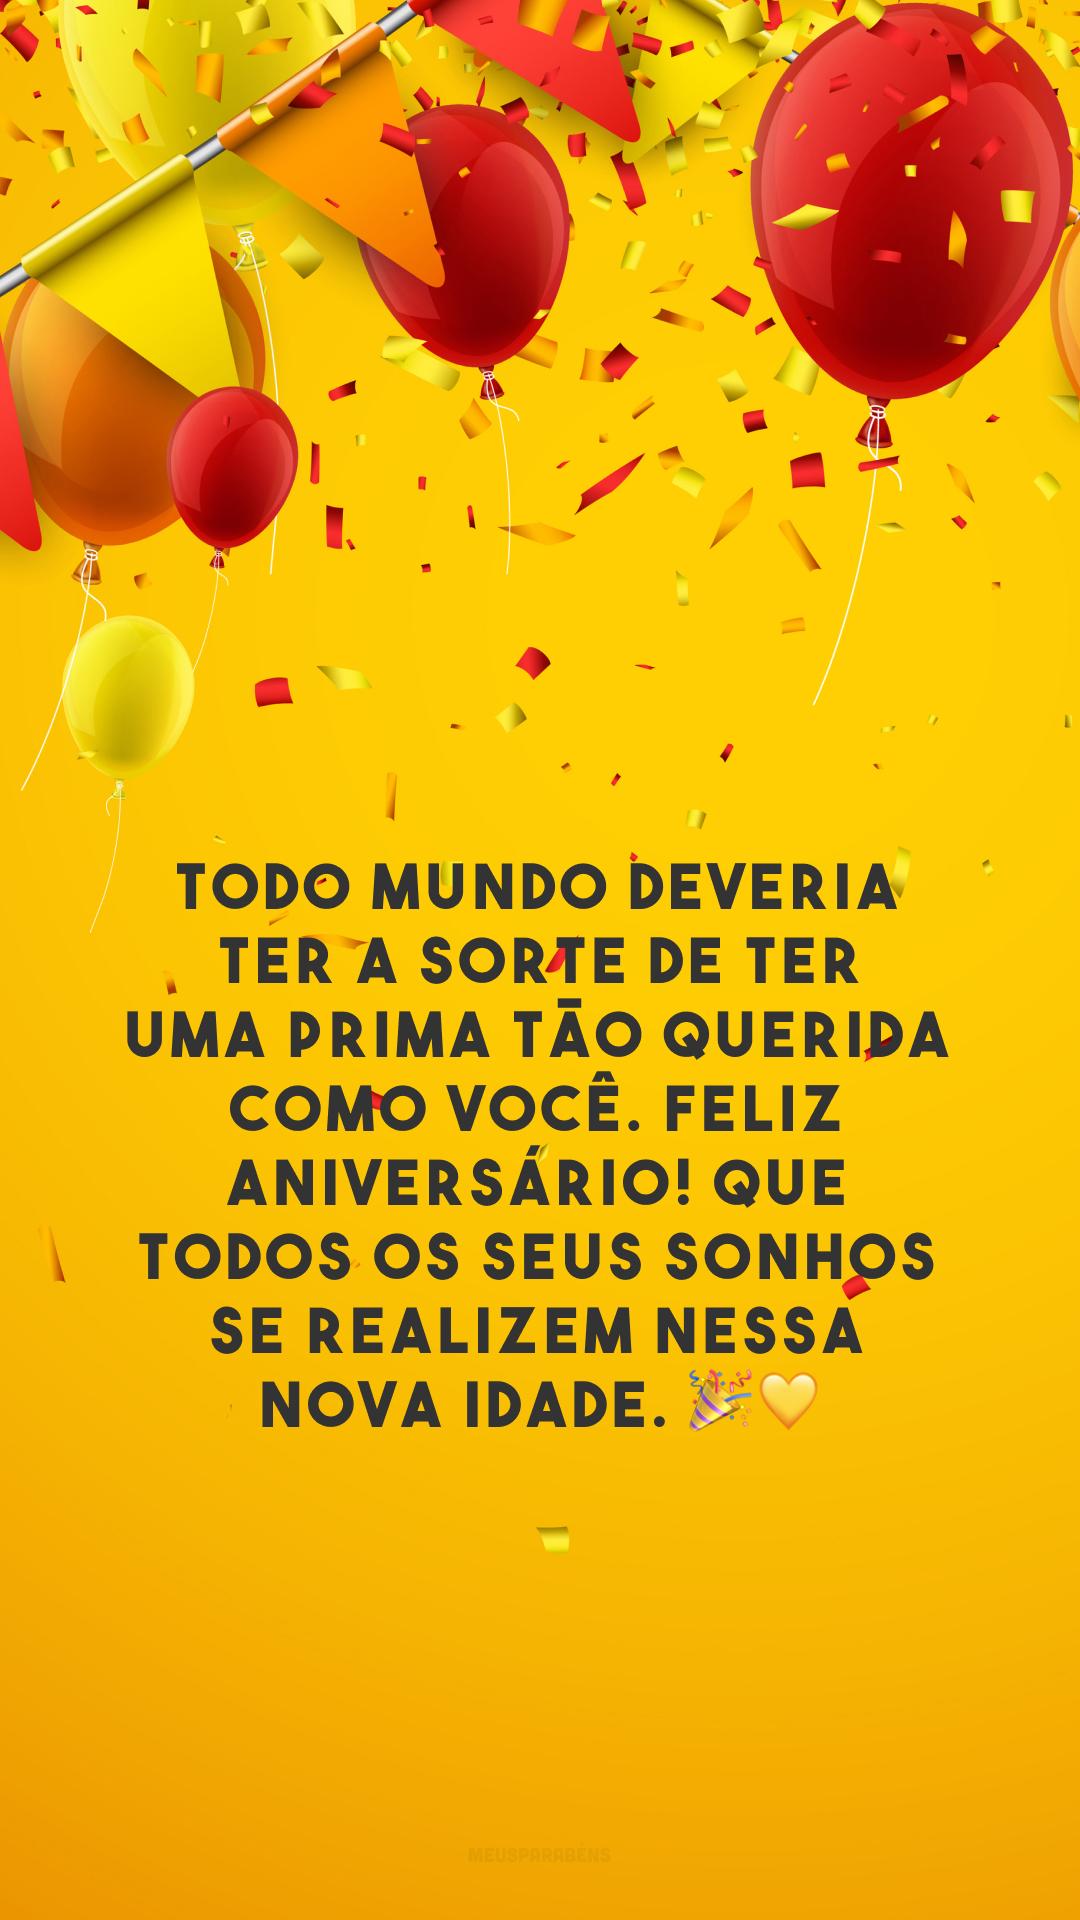 Todo mundo deveria ter a sorte de ter uma prima tão querida como você. Feliz aniversário! Que todos os seus sonhos se realizem nessa nova idade. 🎉💛